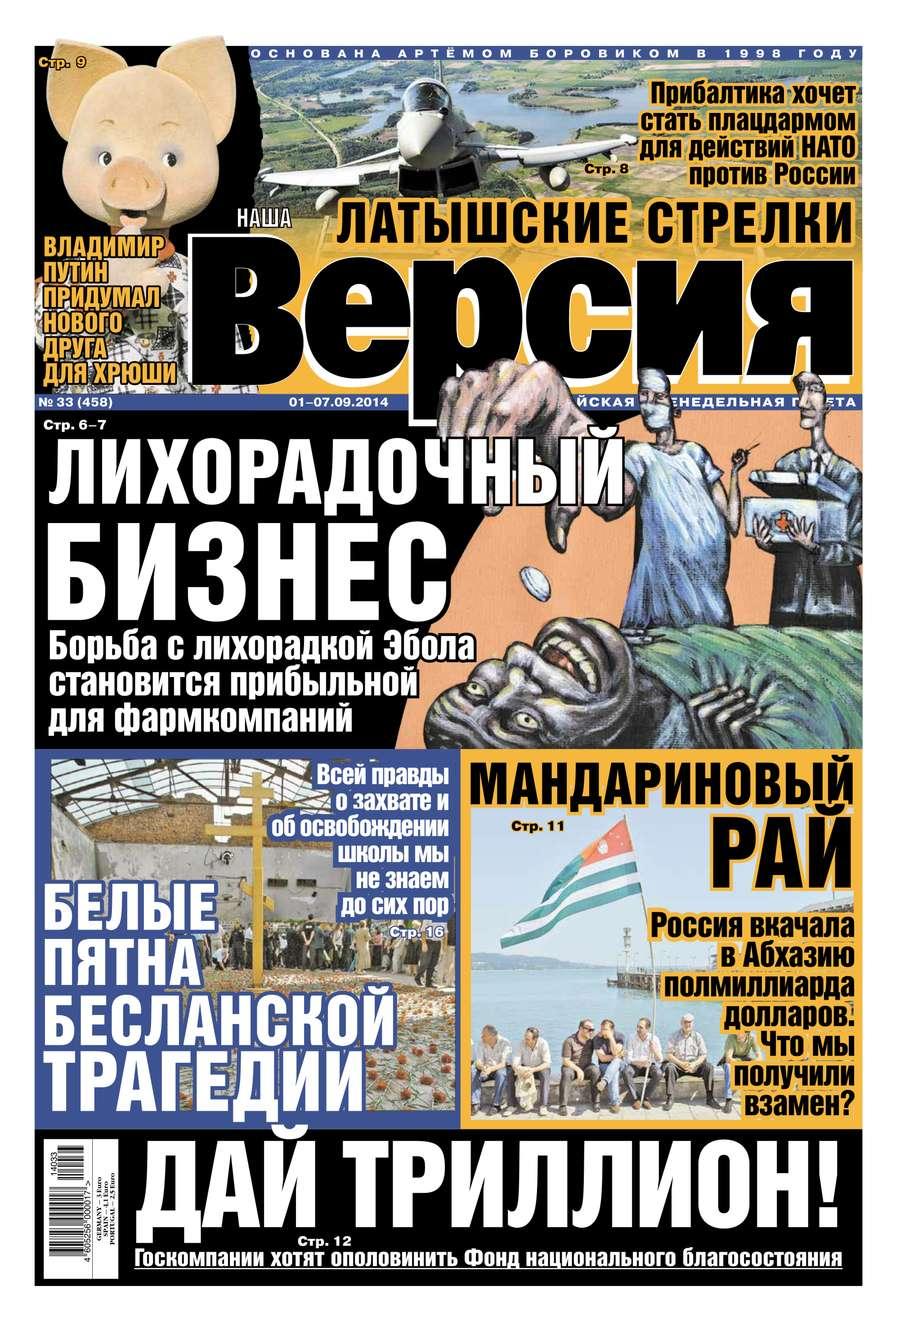 Редакция газеты Наша Версия Наша версия 33-2014 цены